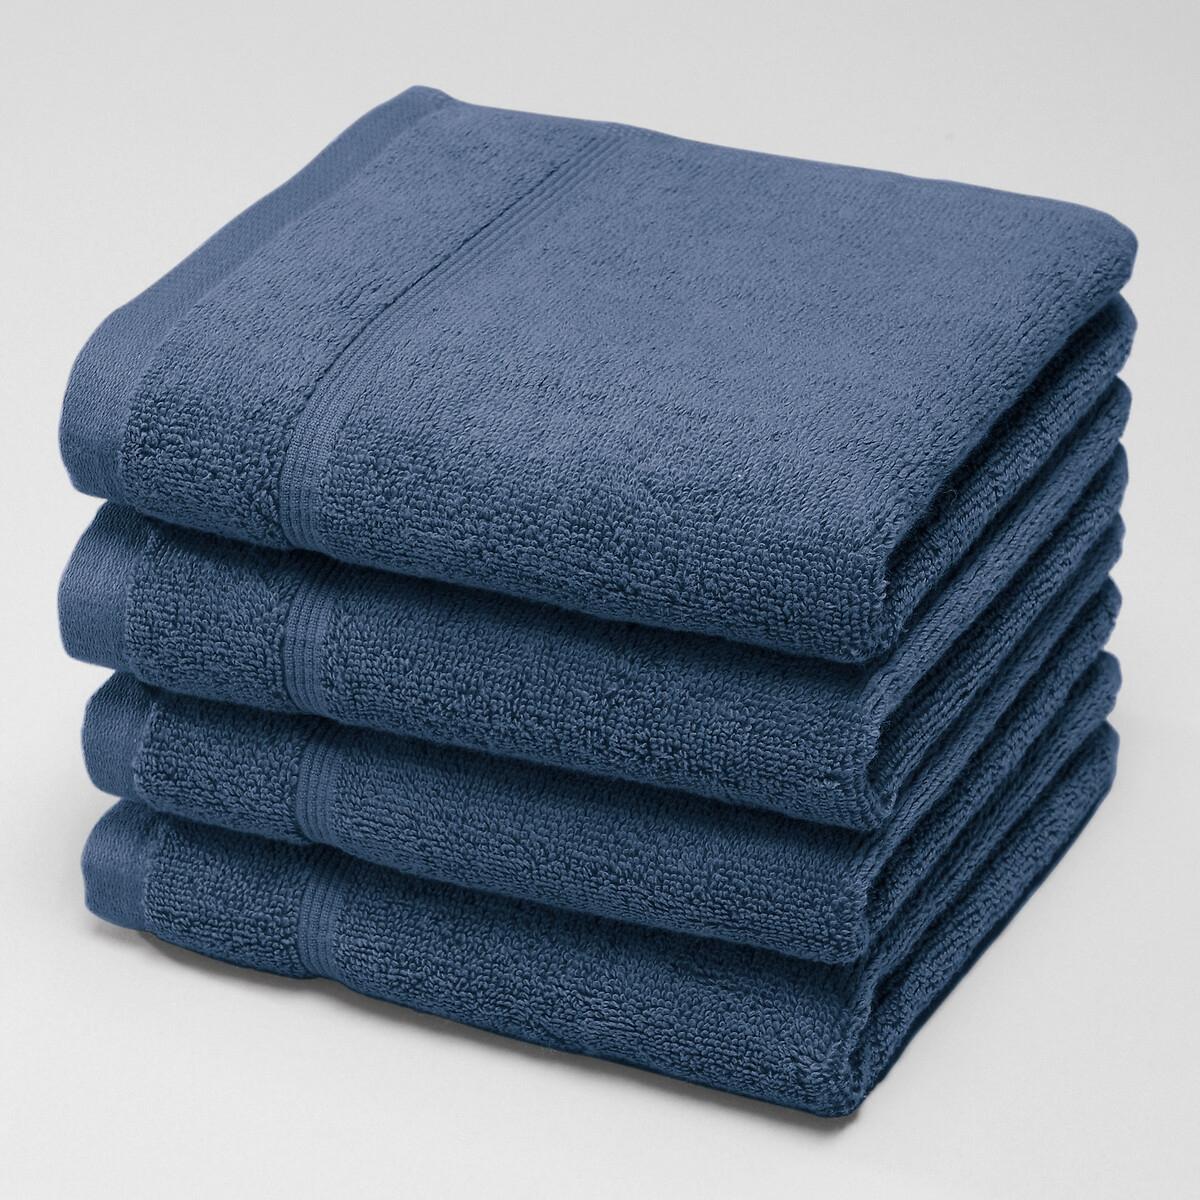 Lote de 4 toalhas de rosto em turco 600 g/m²